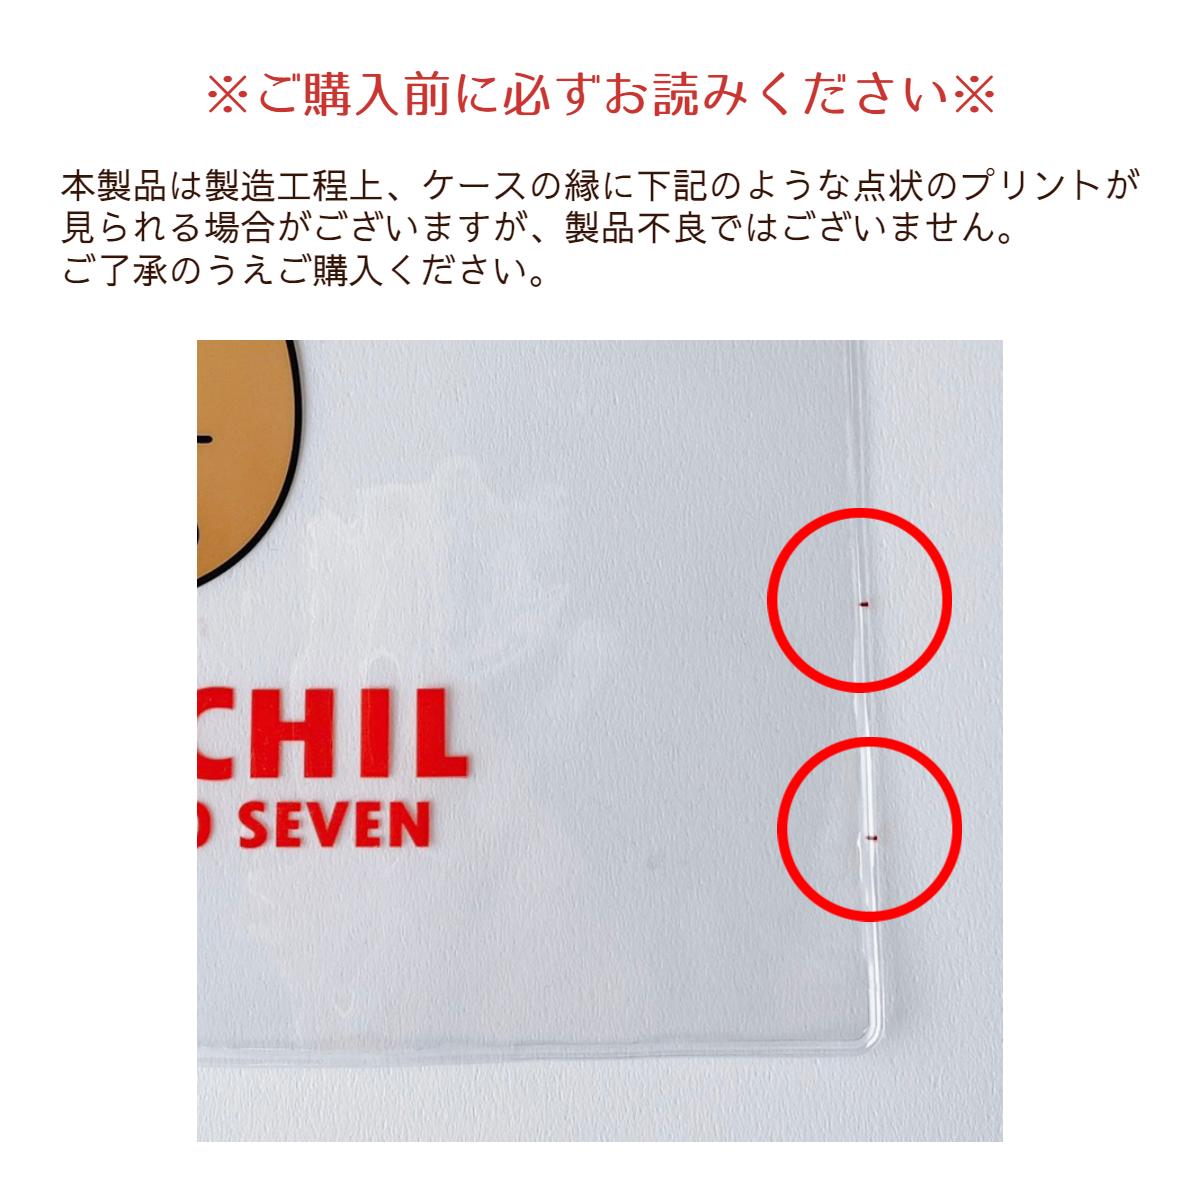 [OPT-02] クリアポーチ(ゴンシリ)